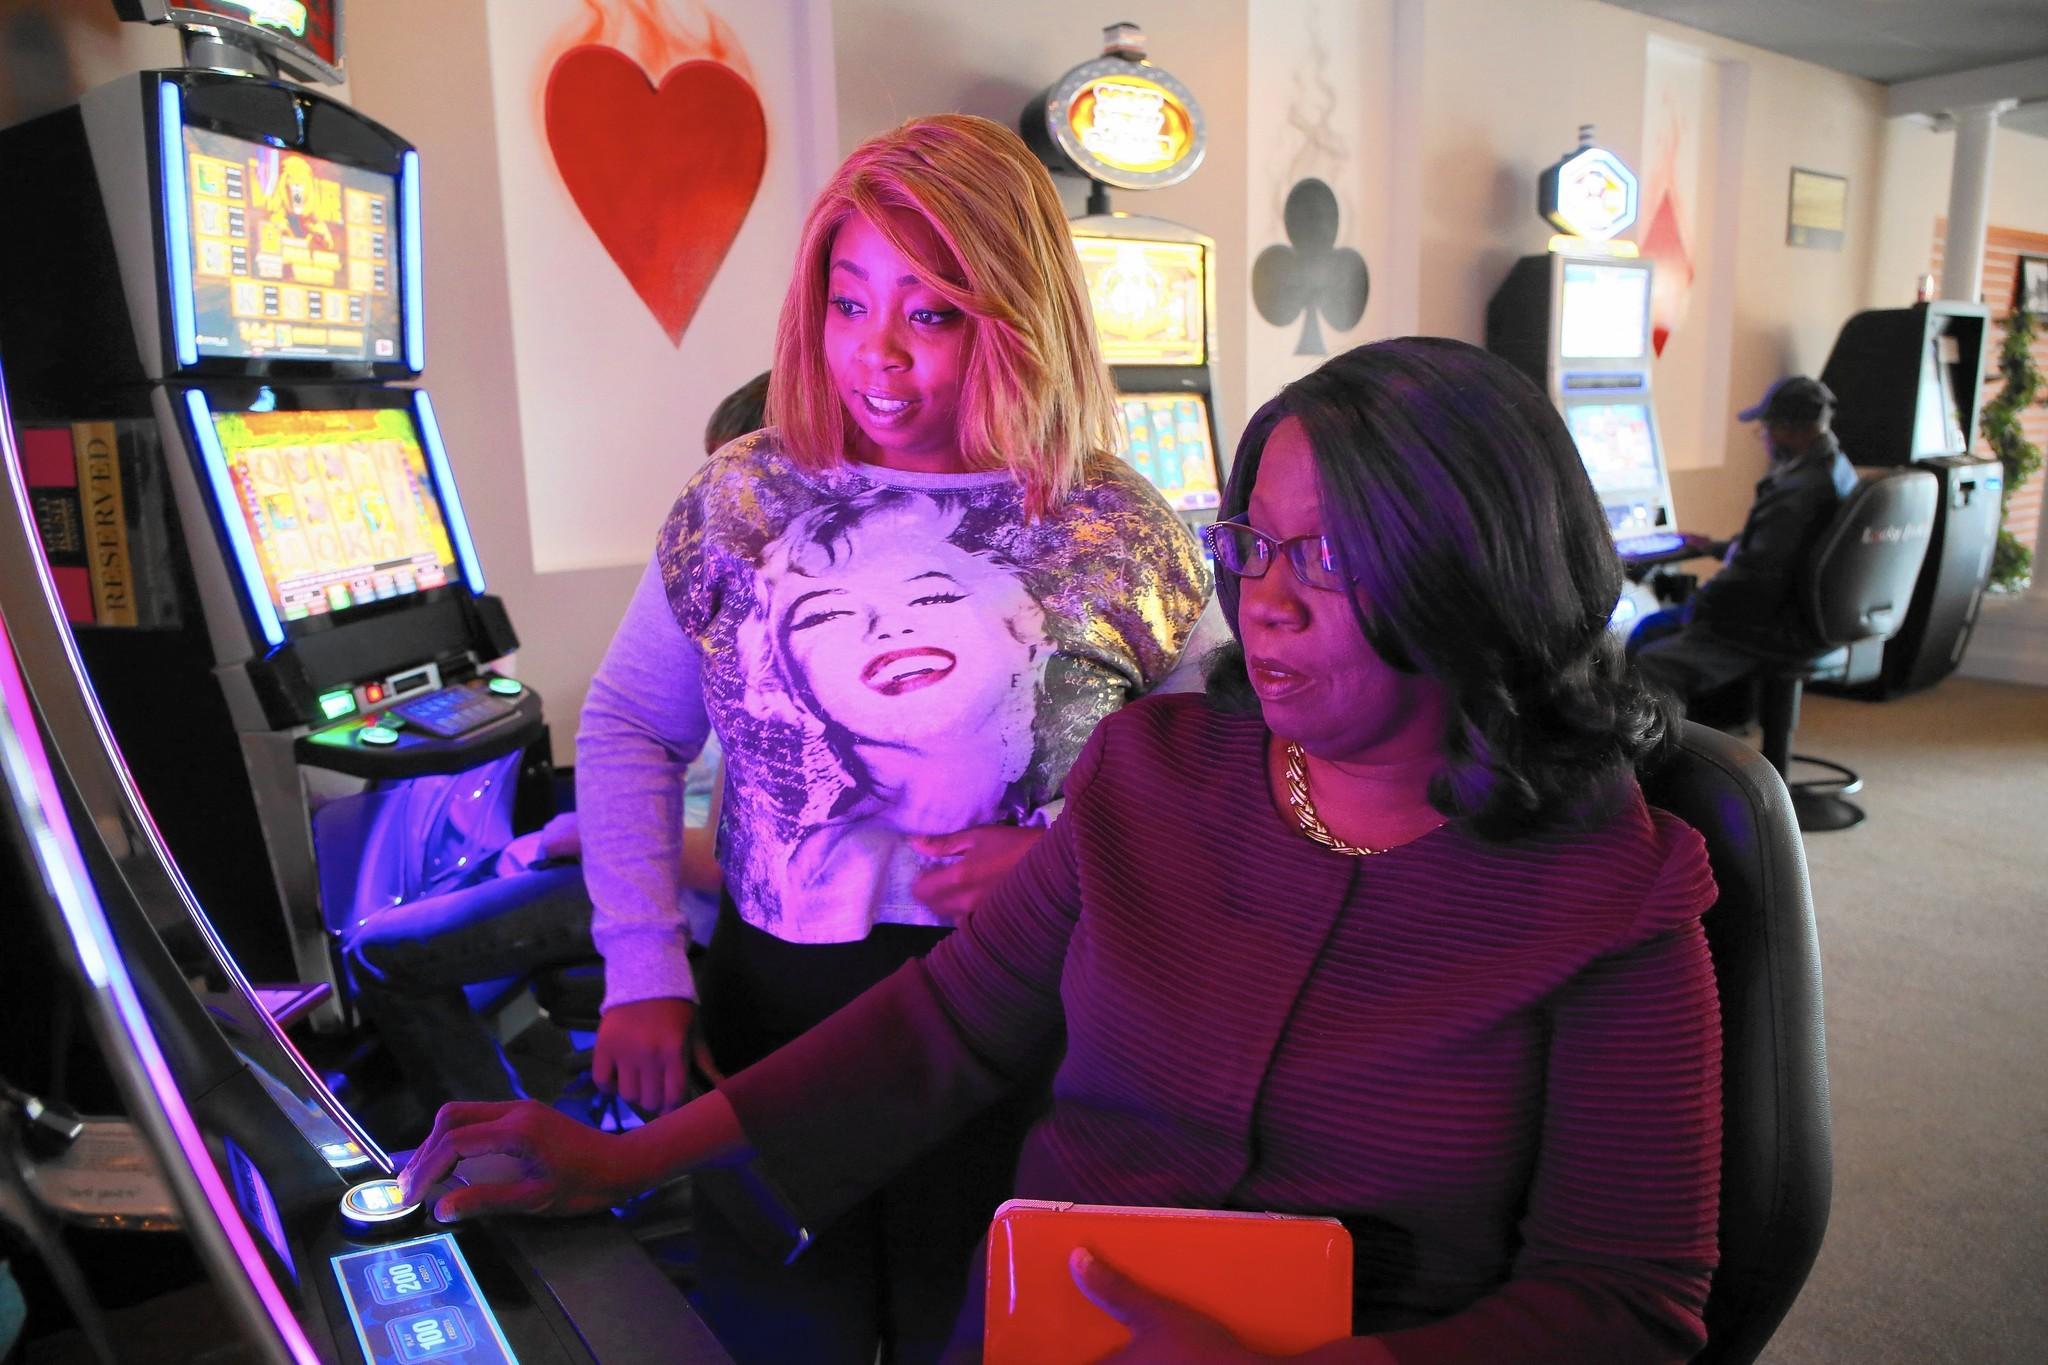 Videos gambling